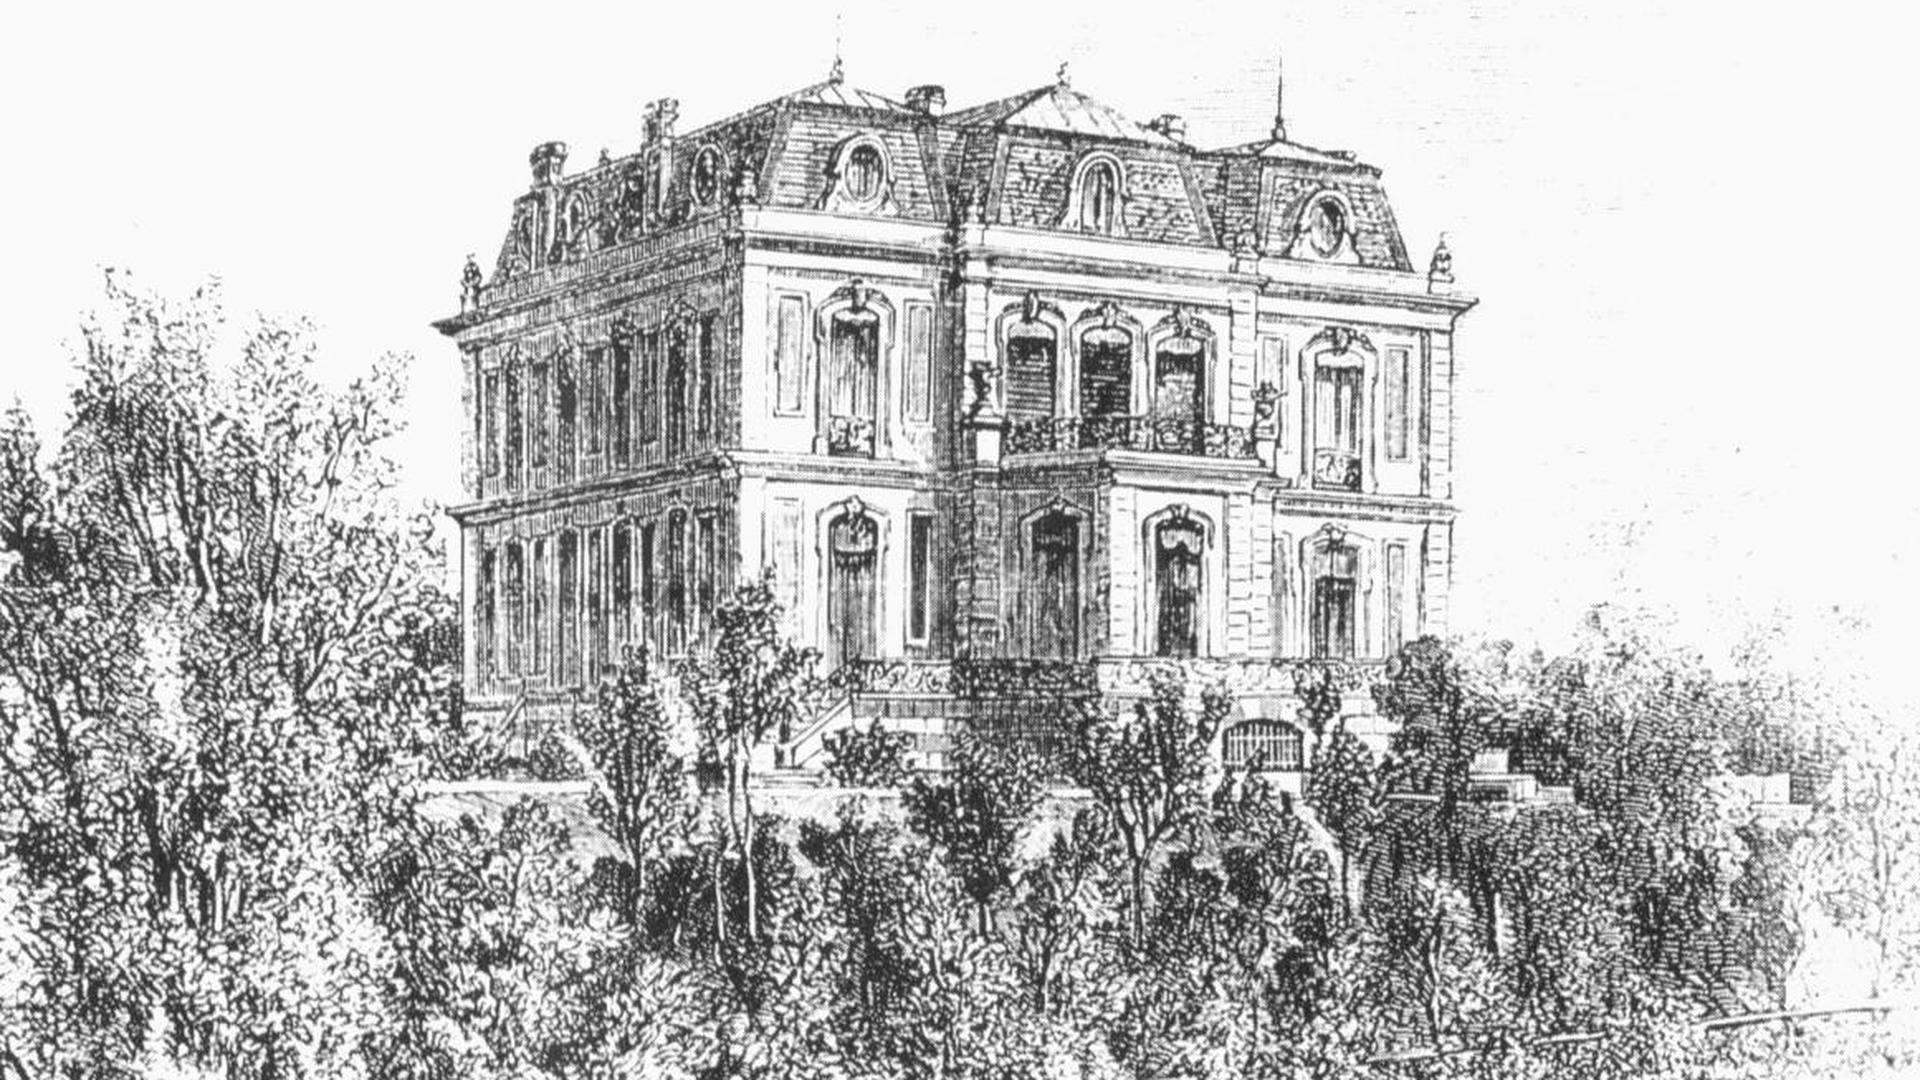 Entwurfsskizze der Villa Winterhalter bzw. Trianon in Baden-Baden